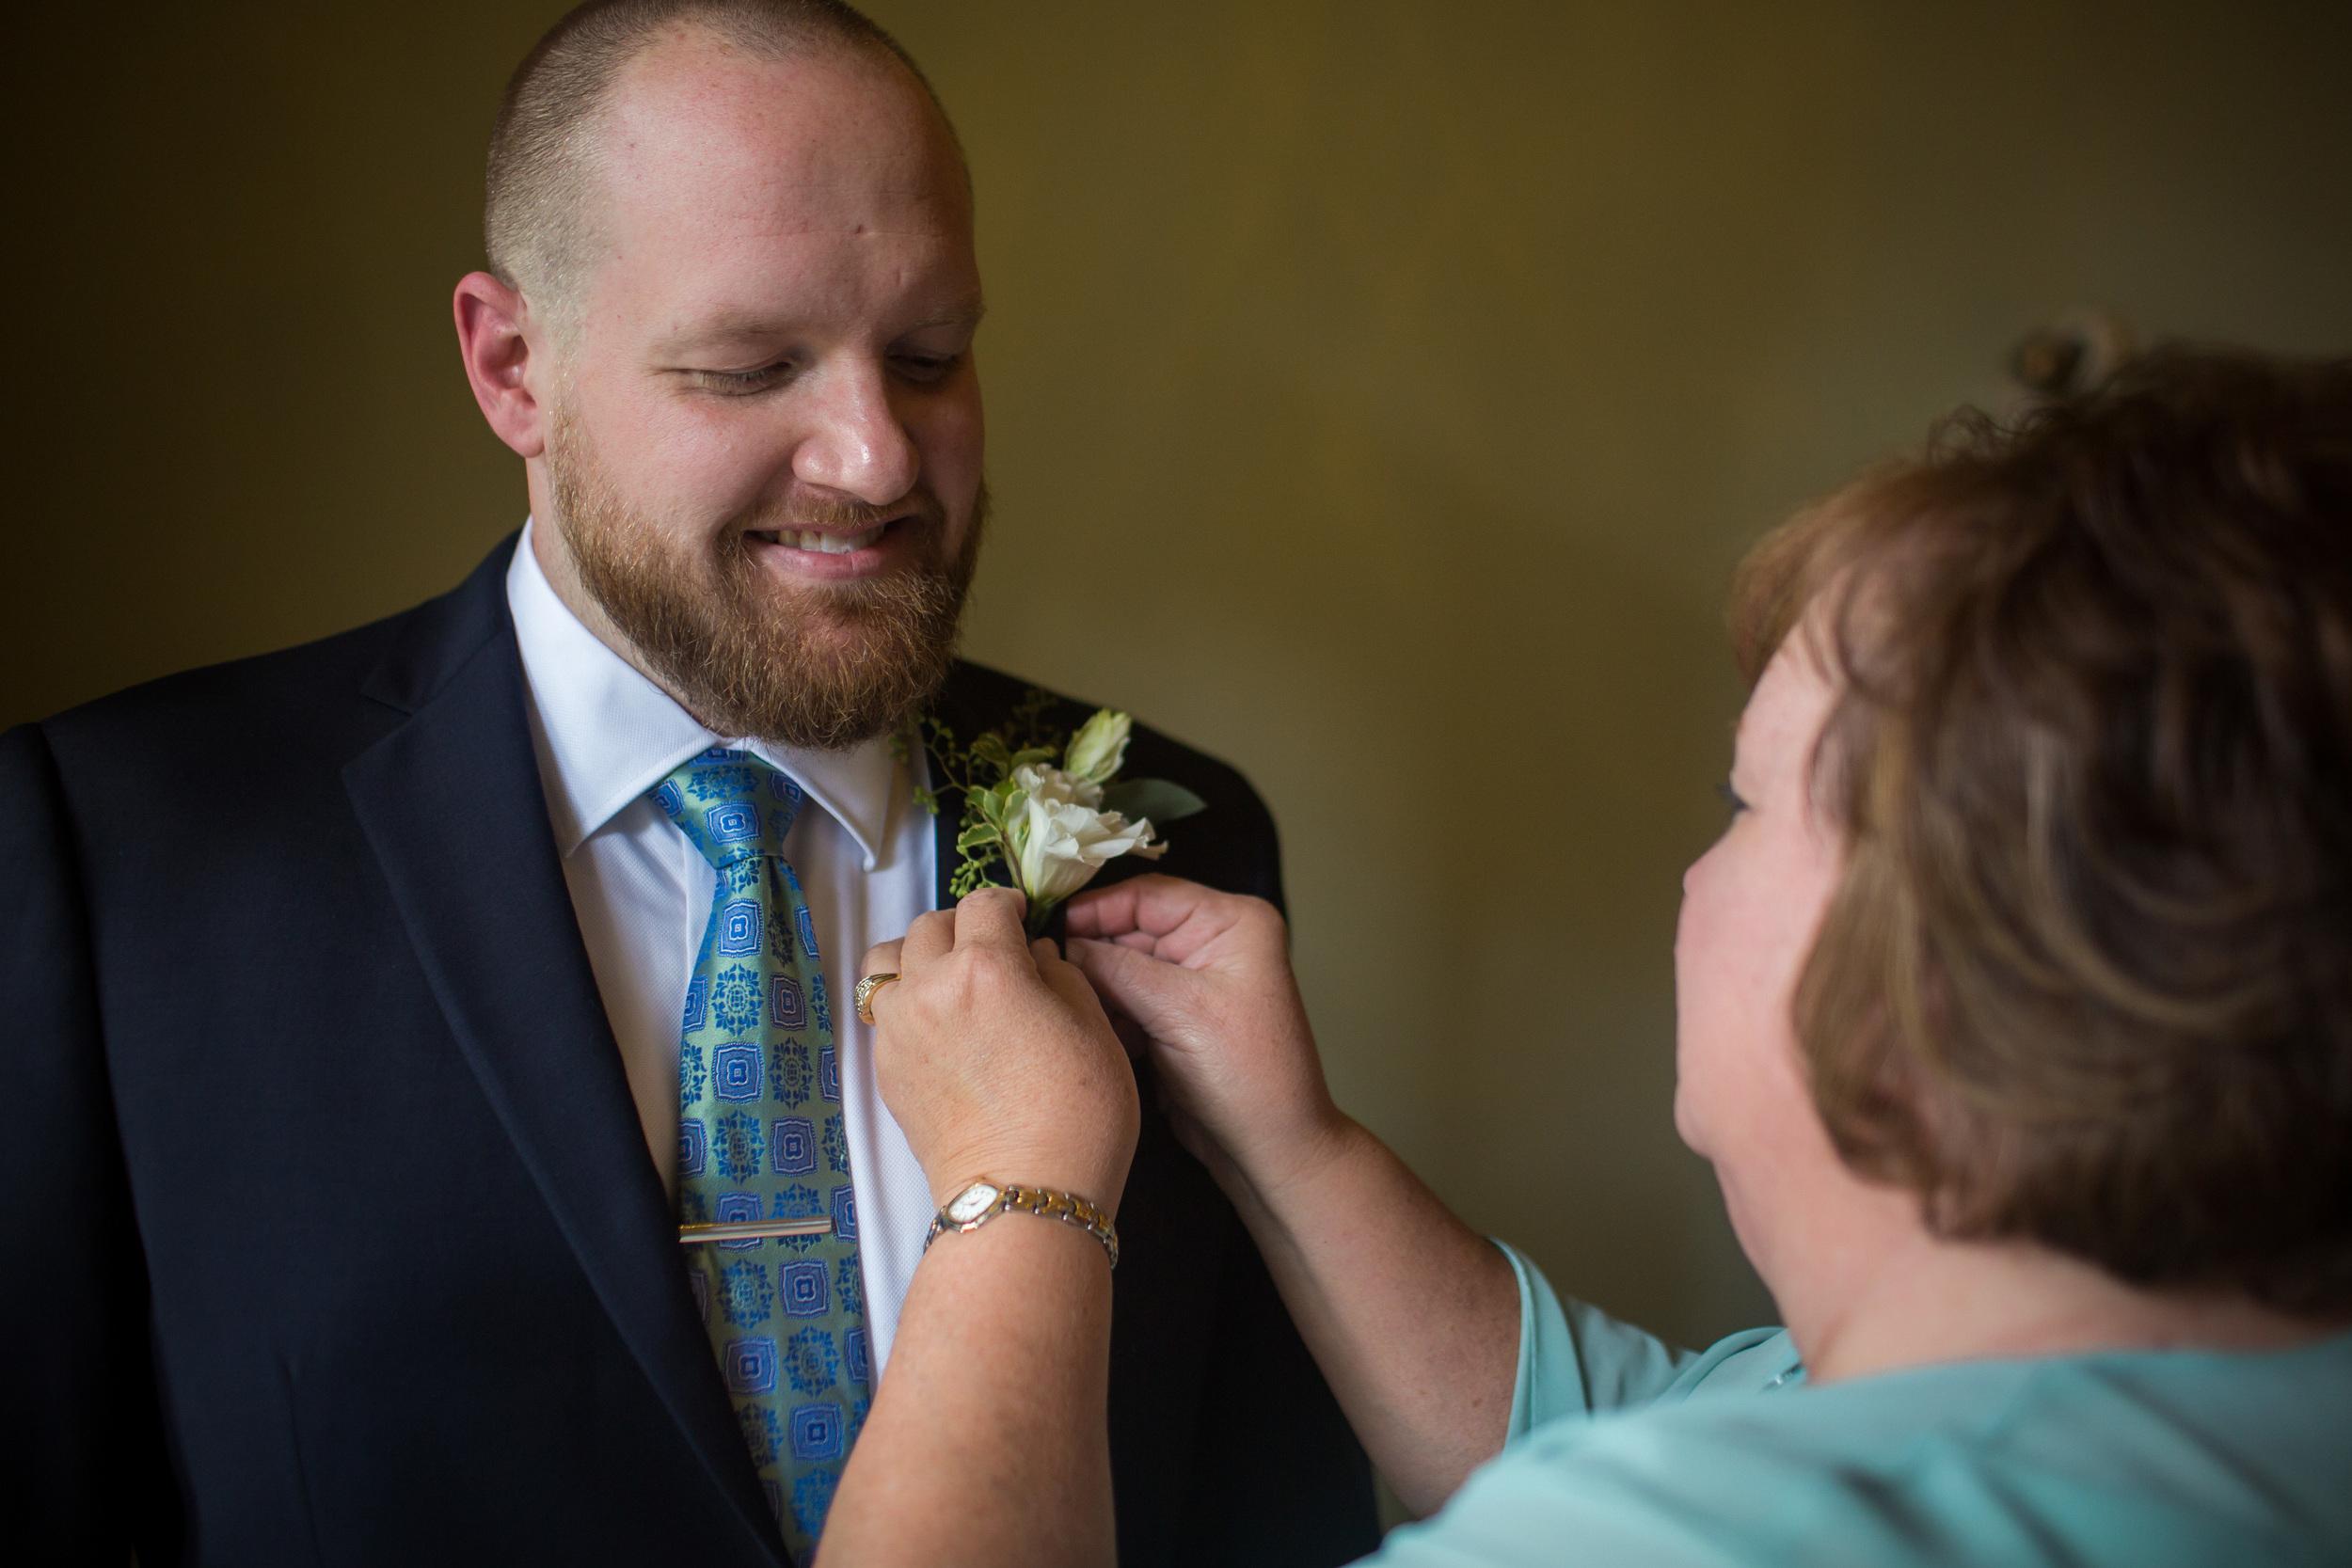 ashley_john-wedding-080815-152.jpg